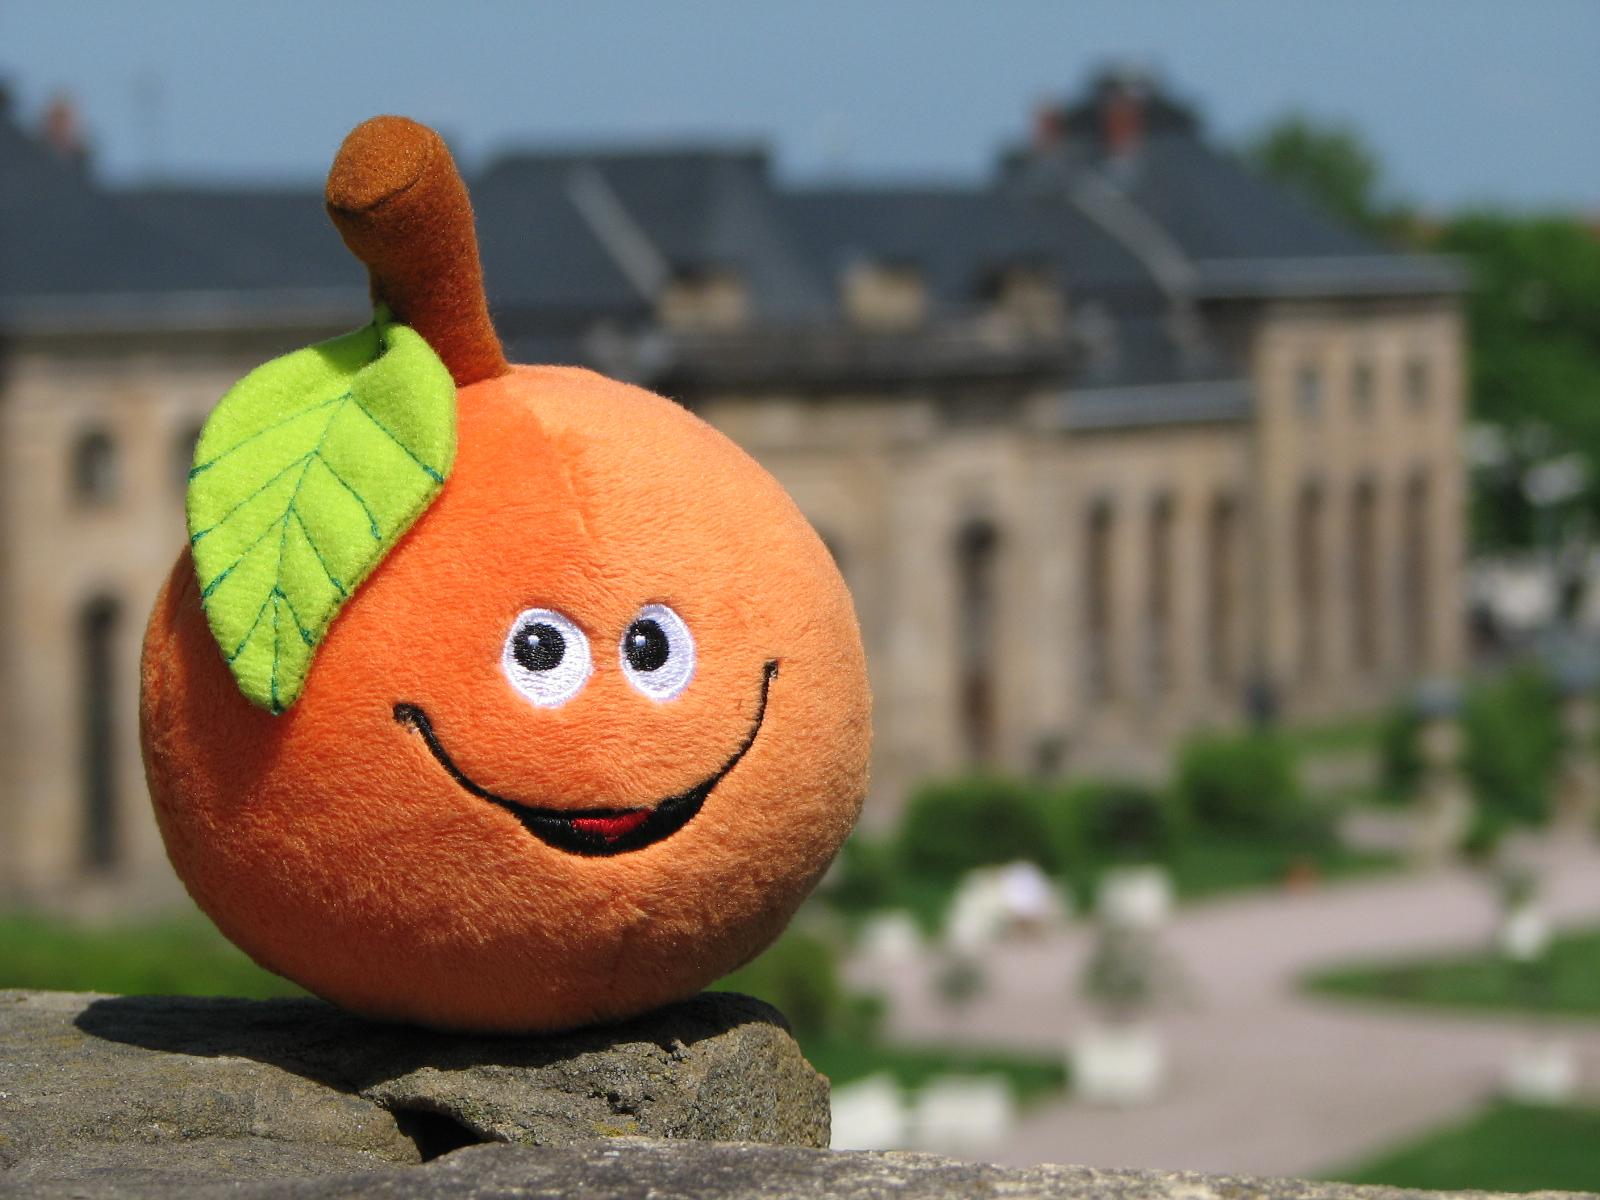 """Kreiiert vom Gothaer Künstler Kai Kretzschmar und dem Autor Andreas M. Cramer, macht """"Sina die Orange"""" seit 2007 """"Lust auf Orange(rie)"""". Hier präsentiert sie sich passend vor dem Hintergrund des """"Orangenhaus"""" genannten nördlichen Kalthauses der Orangerie. (Foto: Cramer)"""